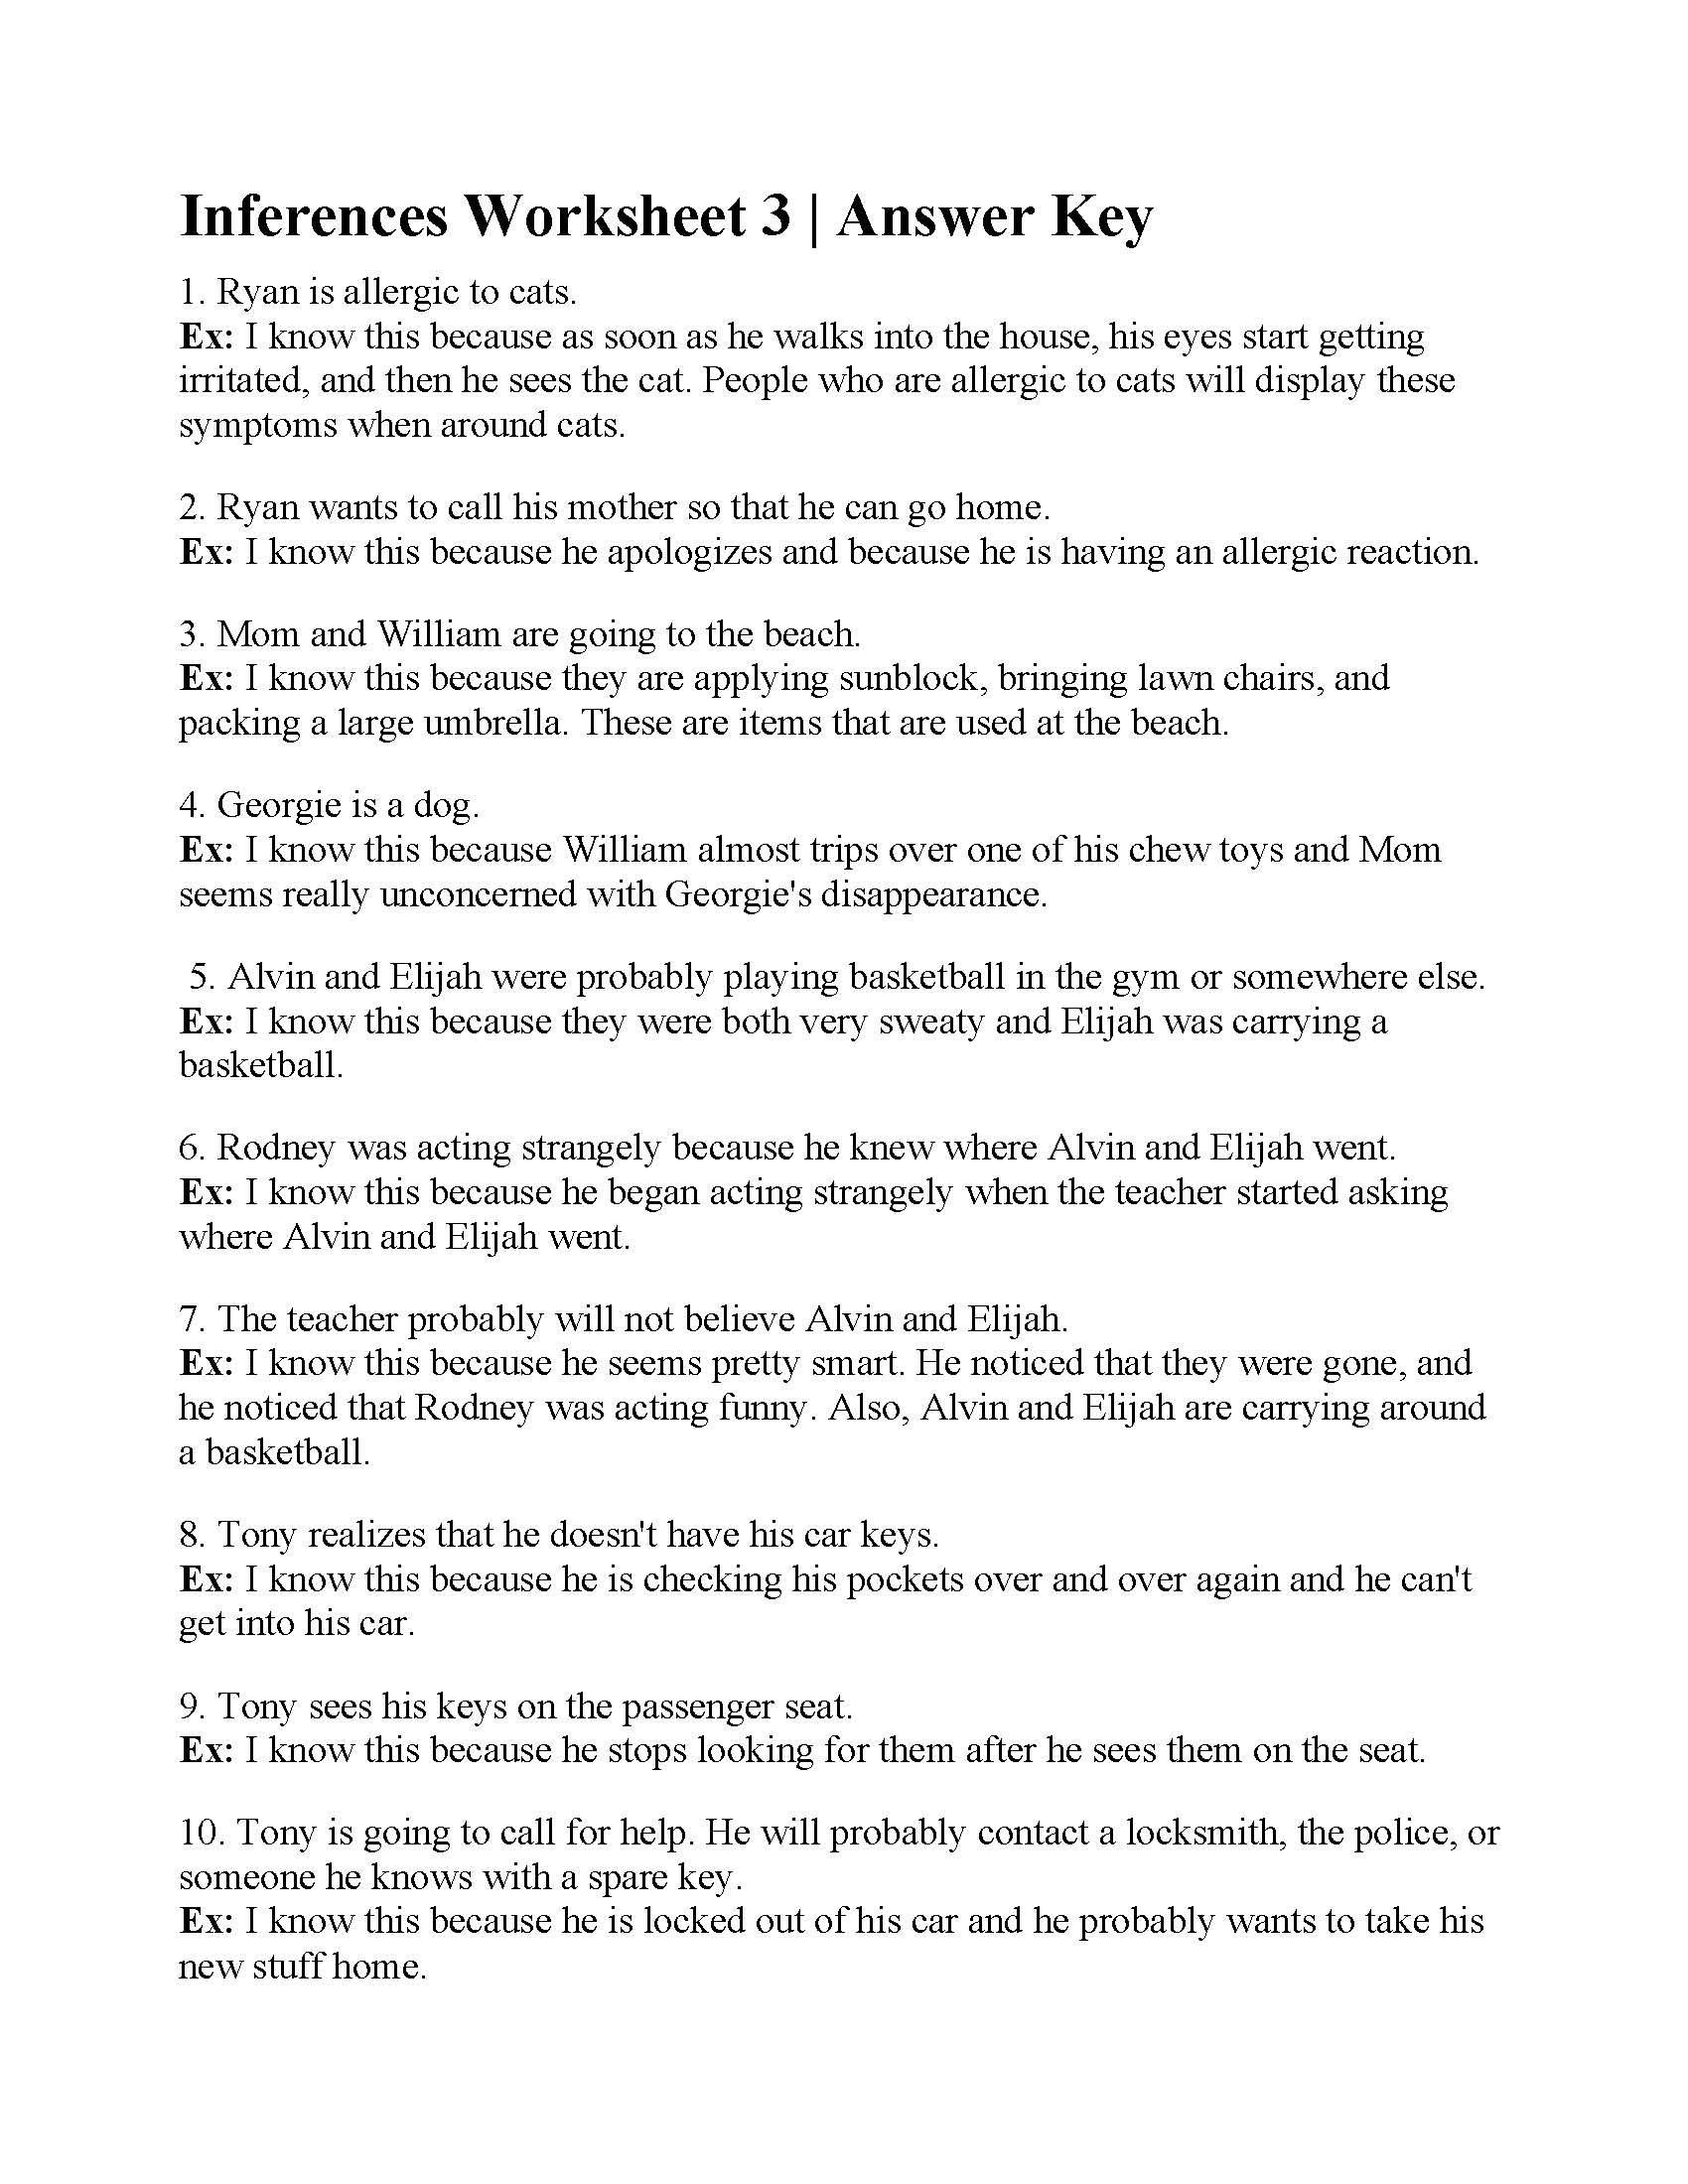 Inferencing Worksheets Grade 4 Inferences Worksheet 3